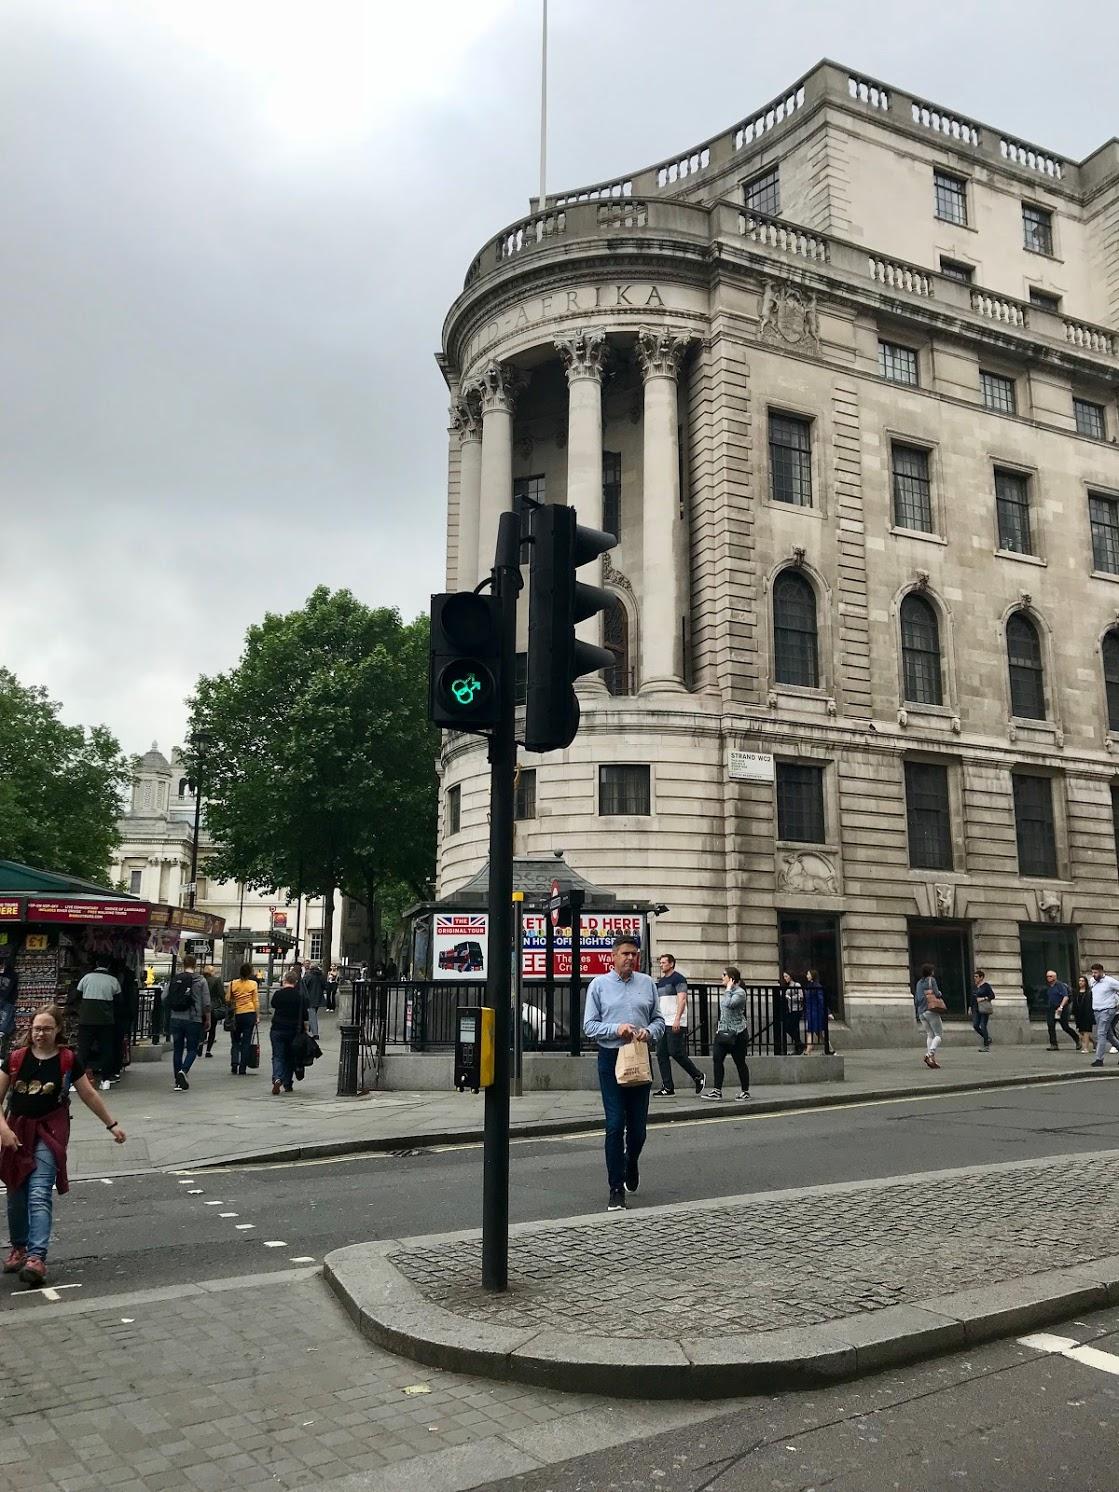 london gender street crossing sign.jpg